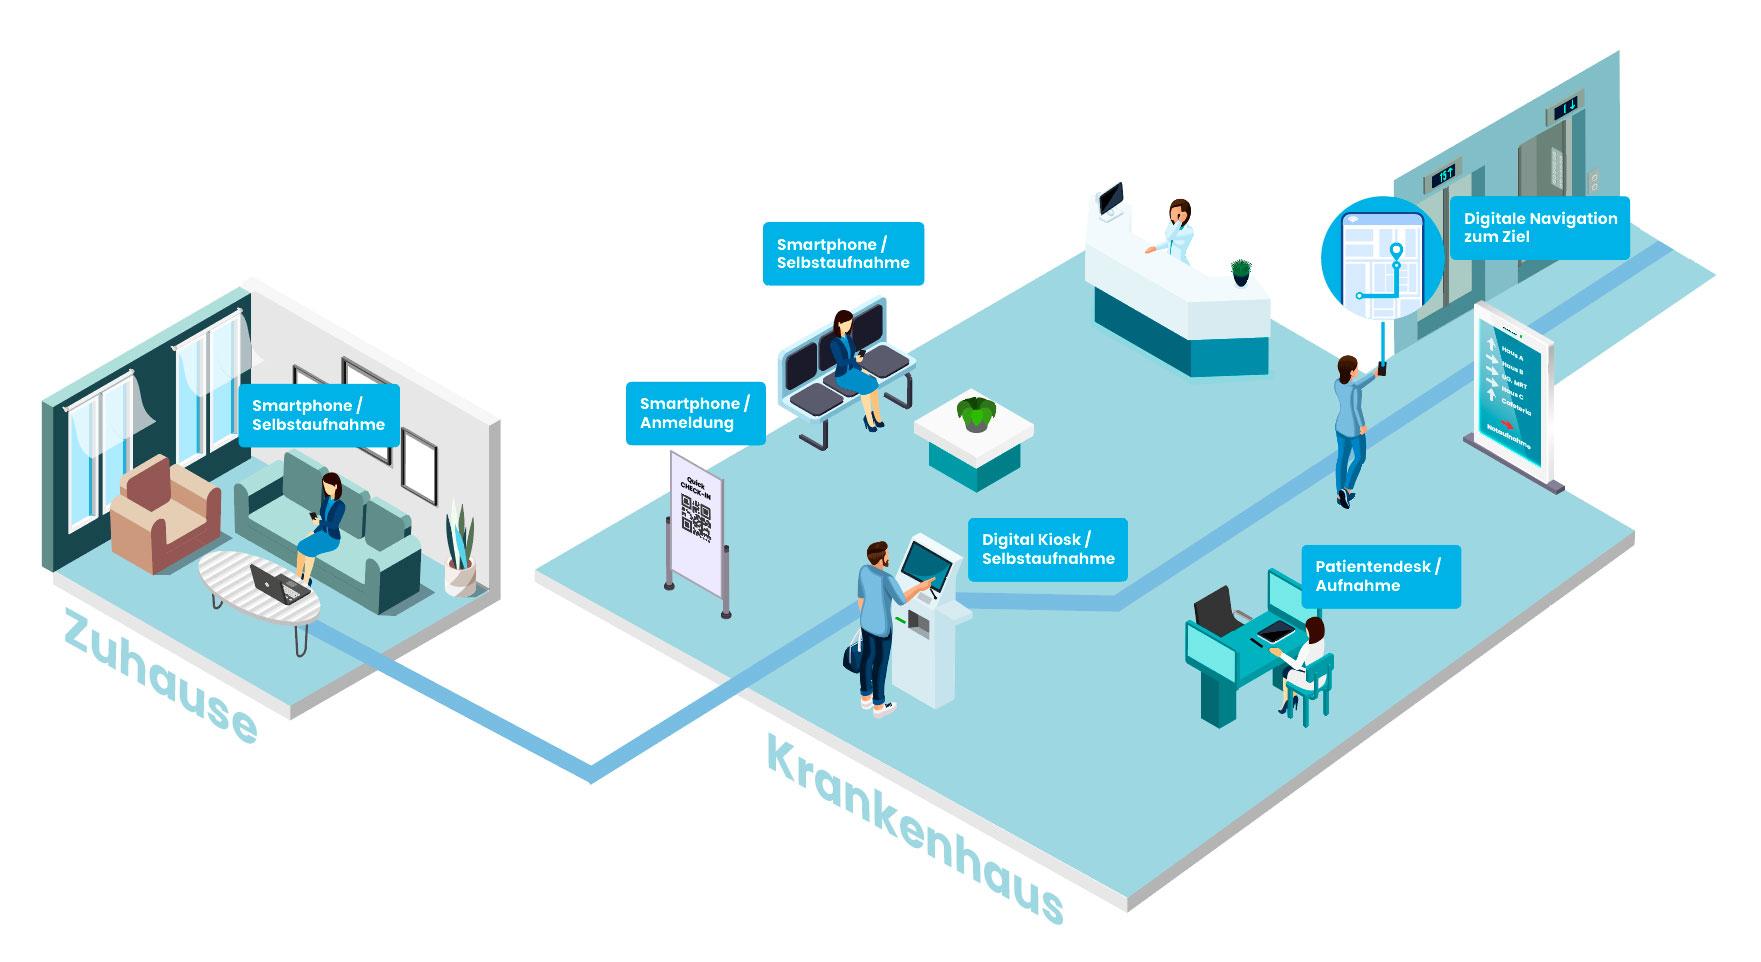 Patient admission procedure